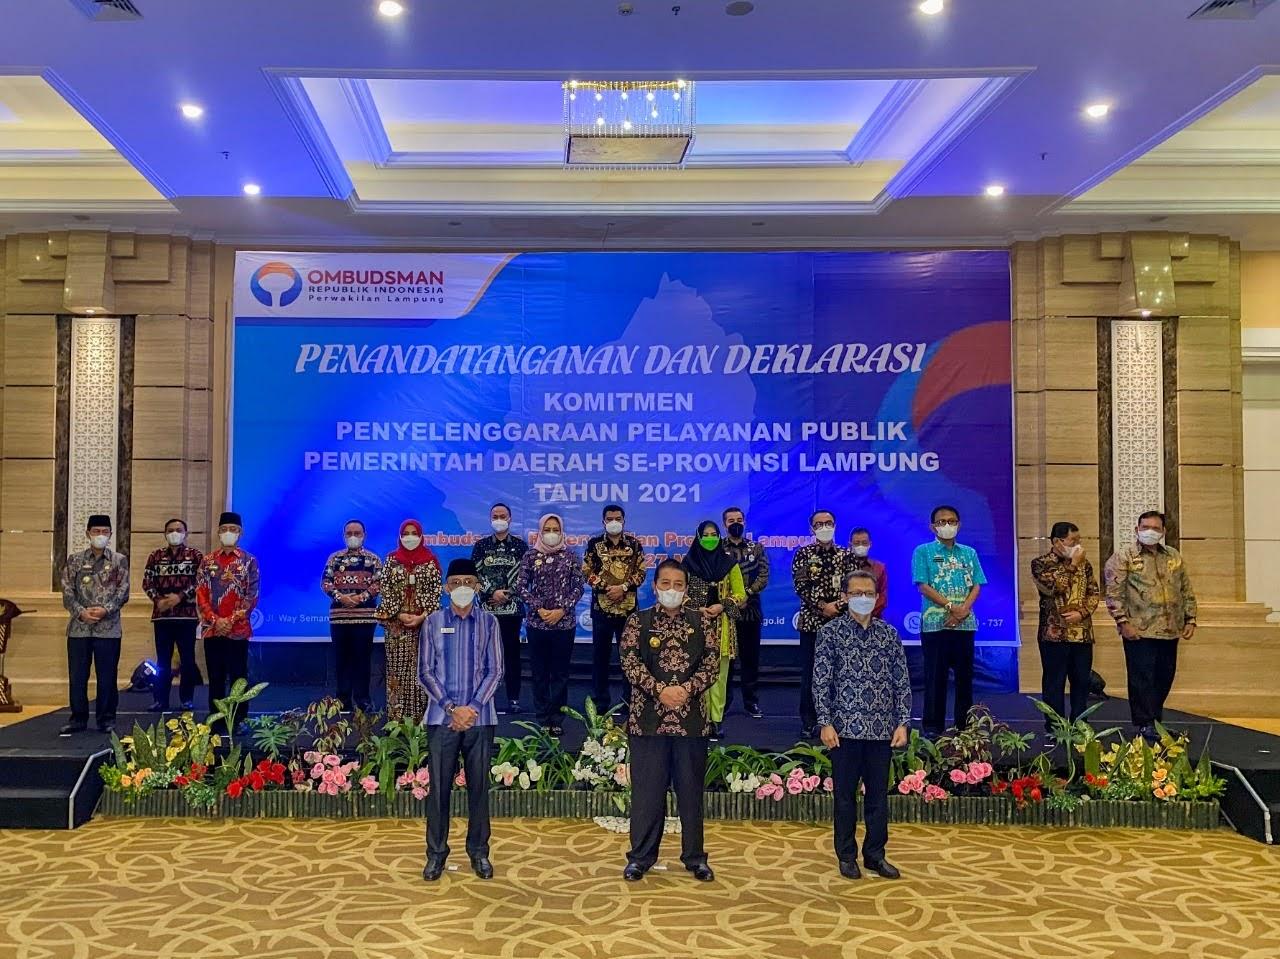 Penandatanganan dan Deklarasi Komitmen Kepala Daerah dalam Penyelenggaraan Pelayanan Publik